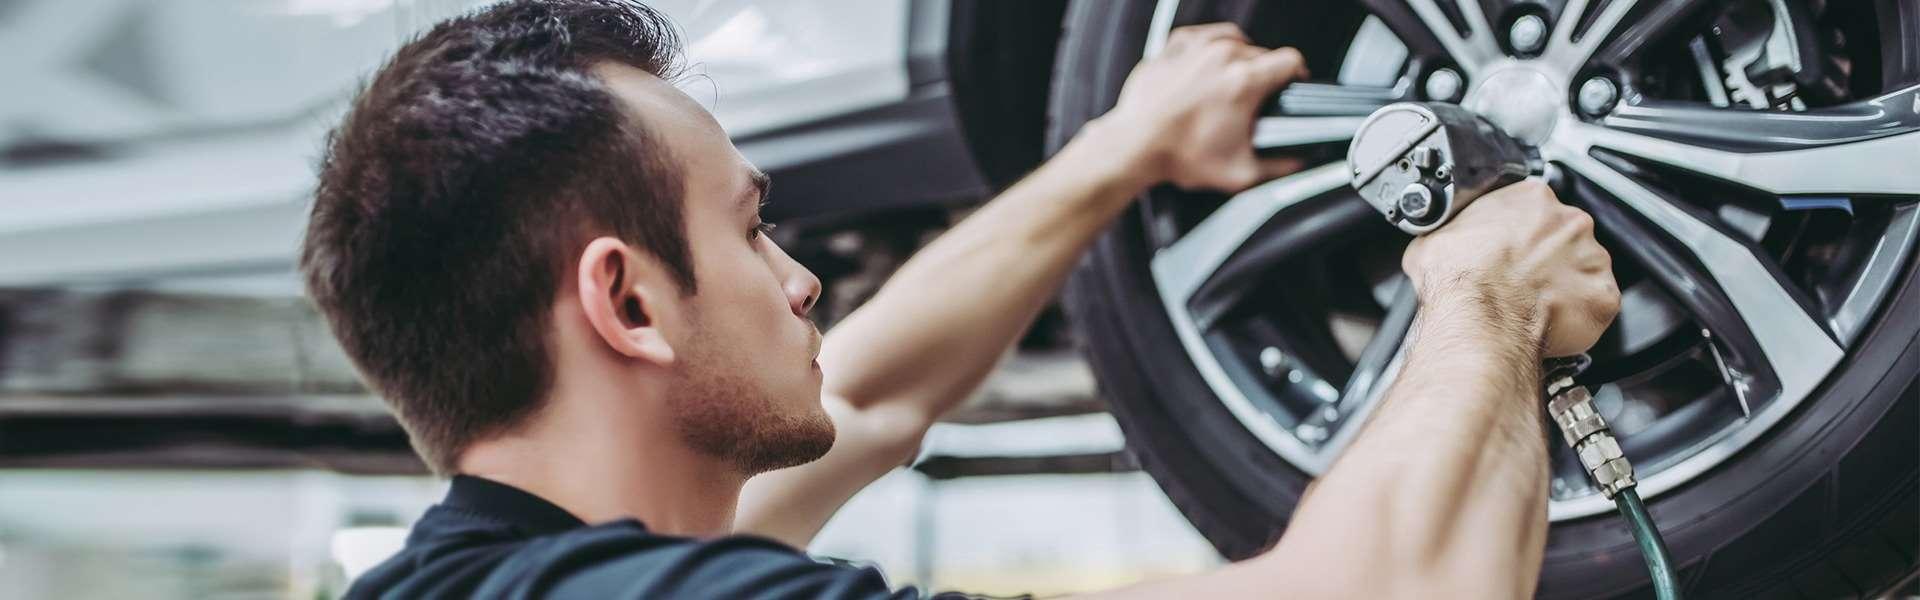 Привабливі умови шиномонтажу в мережі СТО Богдан-Авто Холдинг